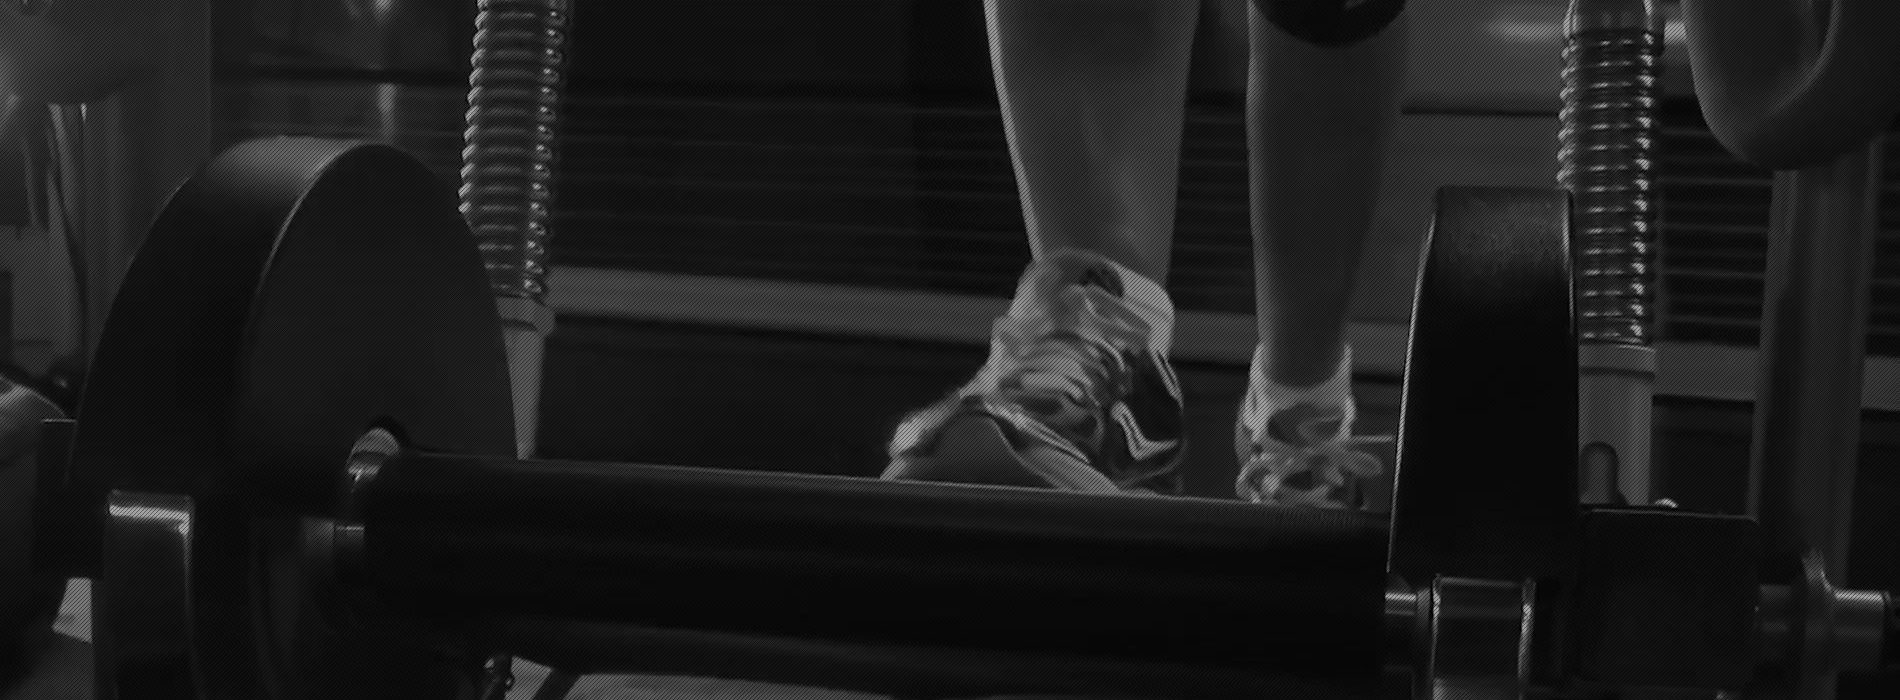 Tappeti meccanici per allenamento indoor